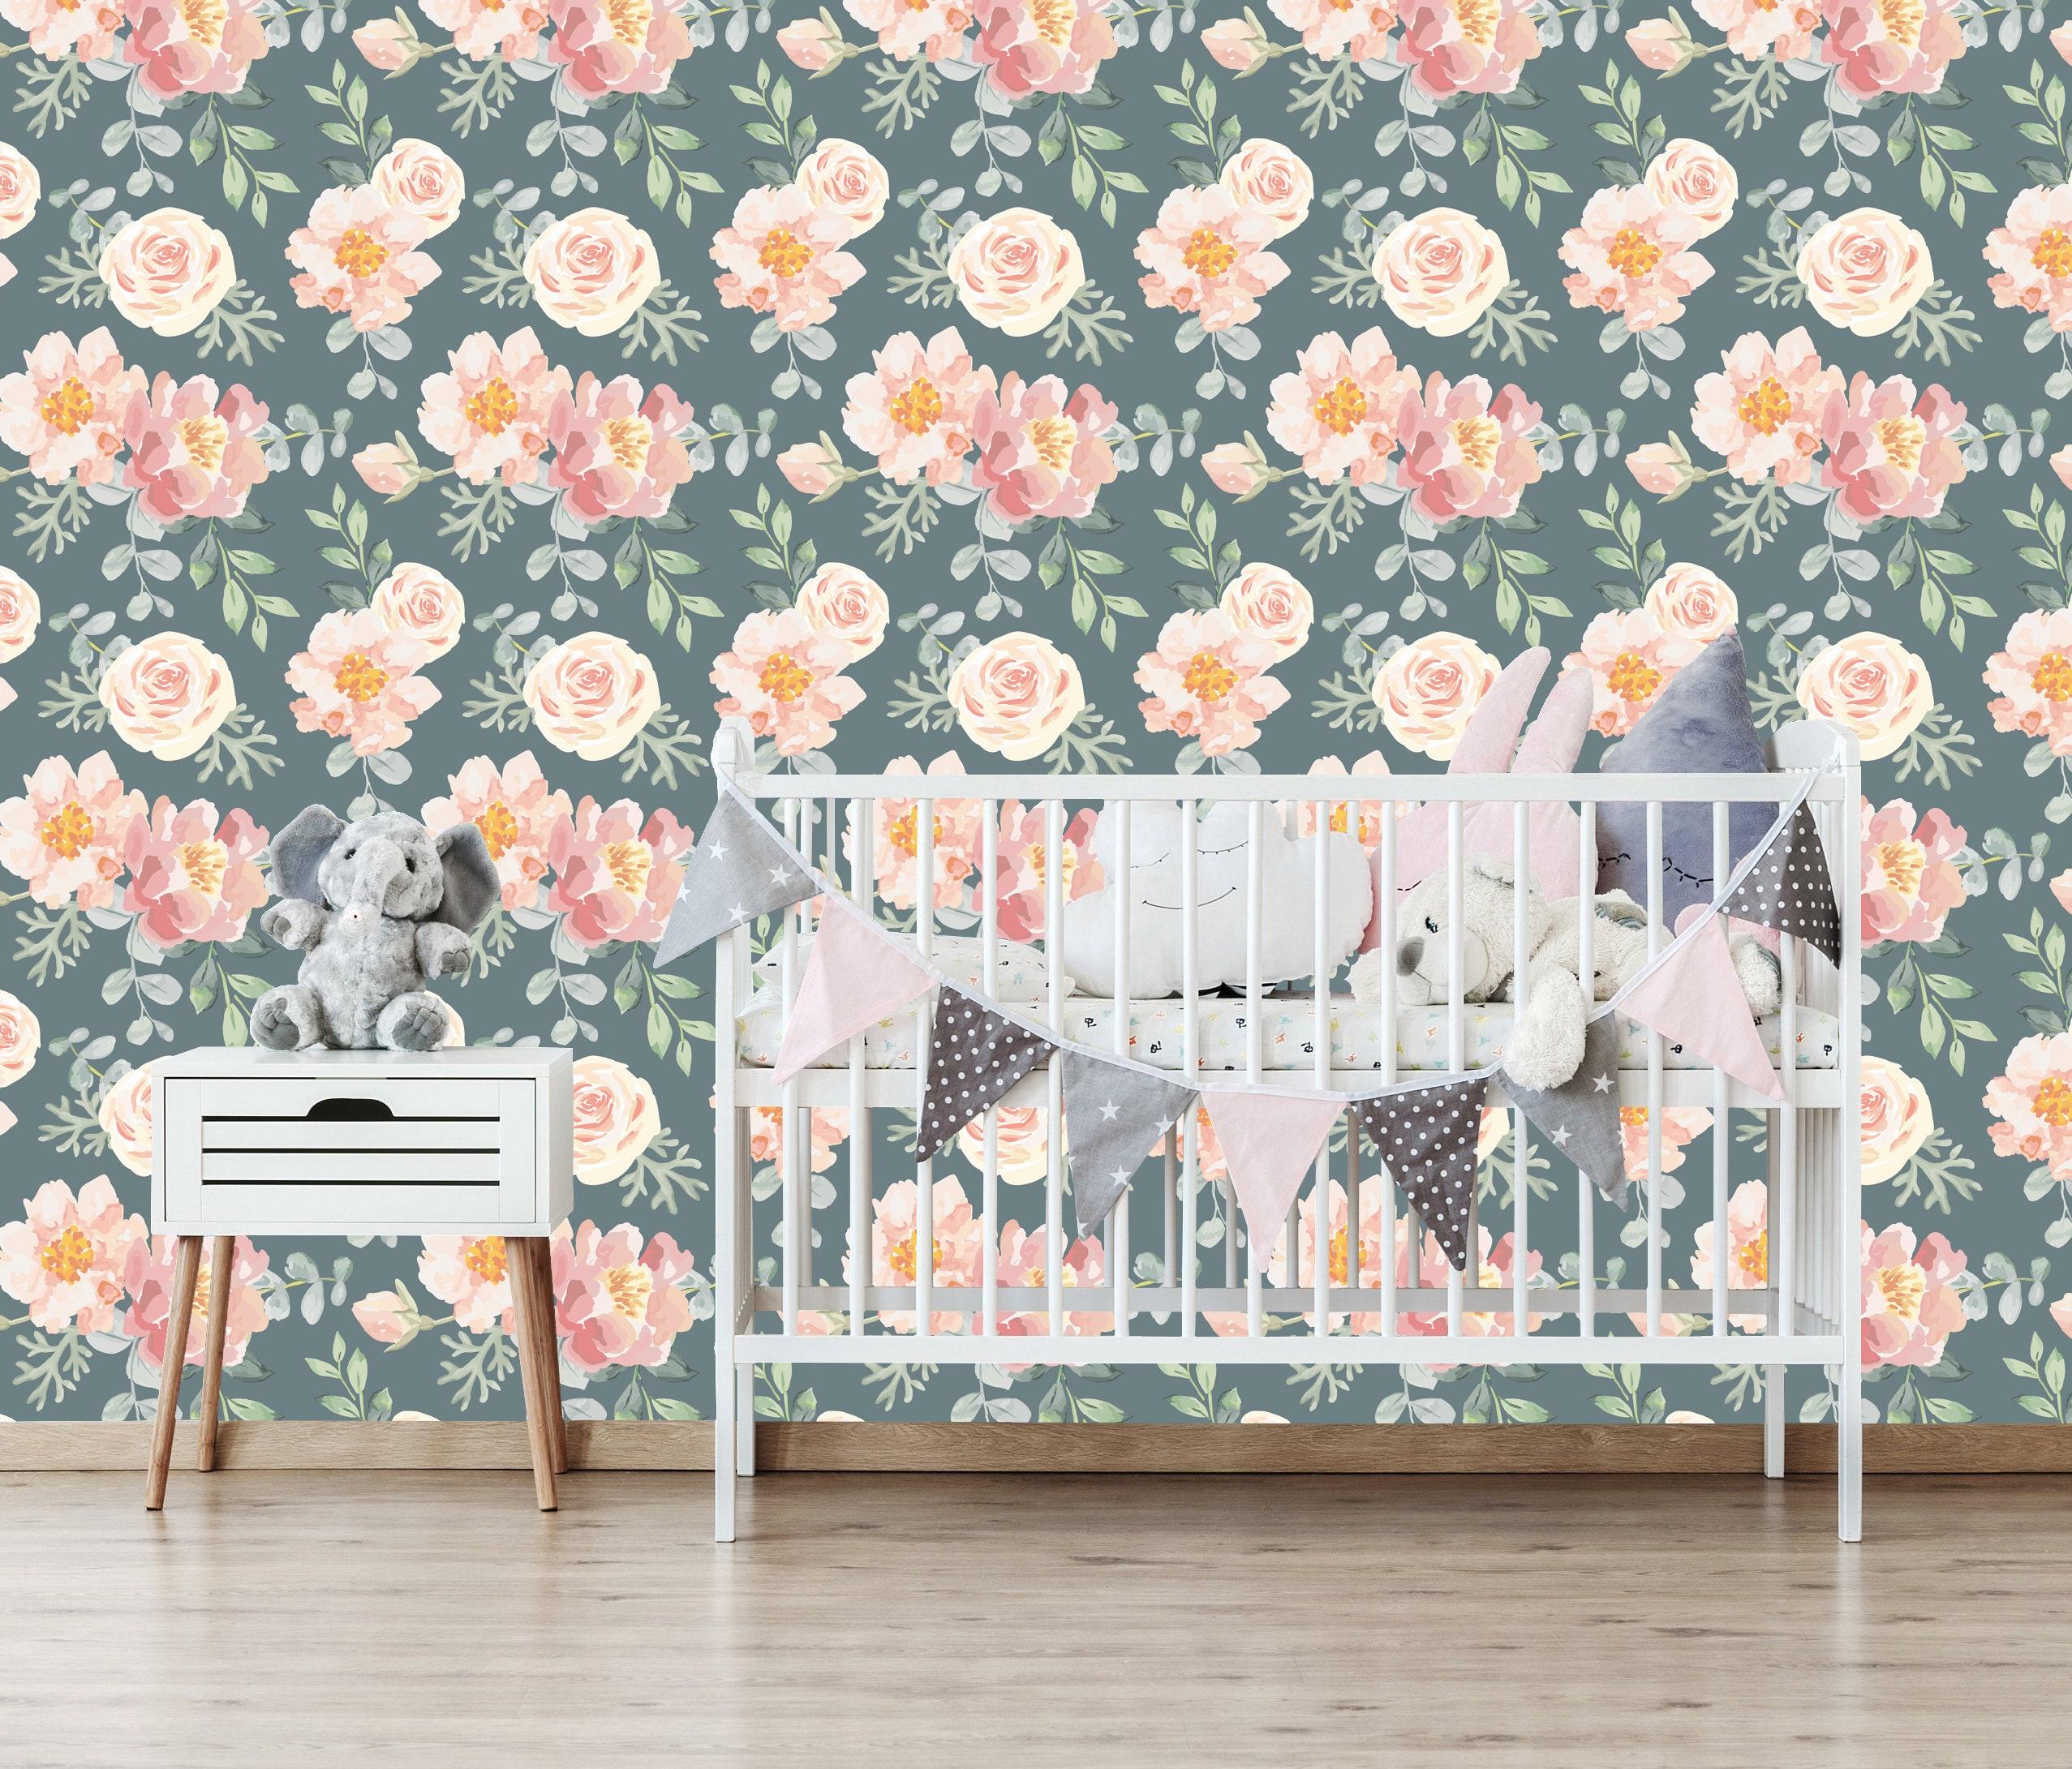 Removable Wallpaper Floral Wallpaper Vintage Pink Floral Etsy